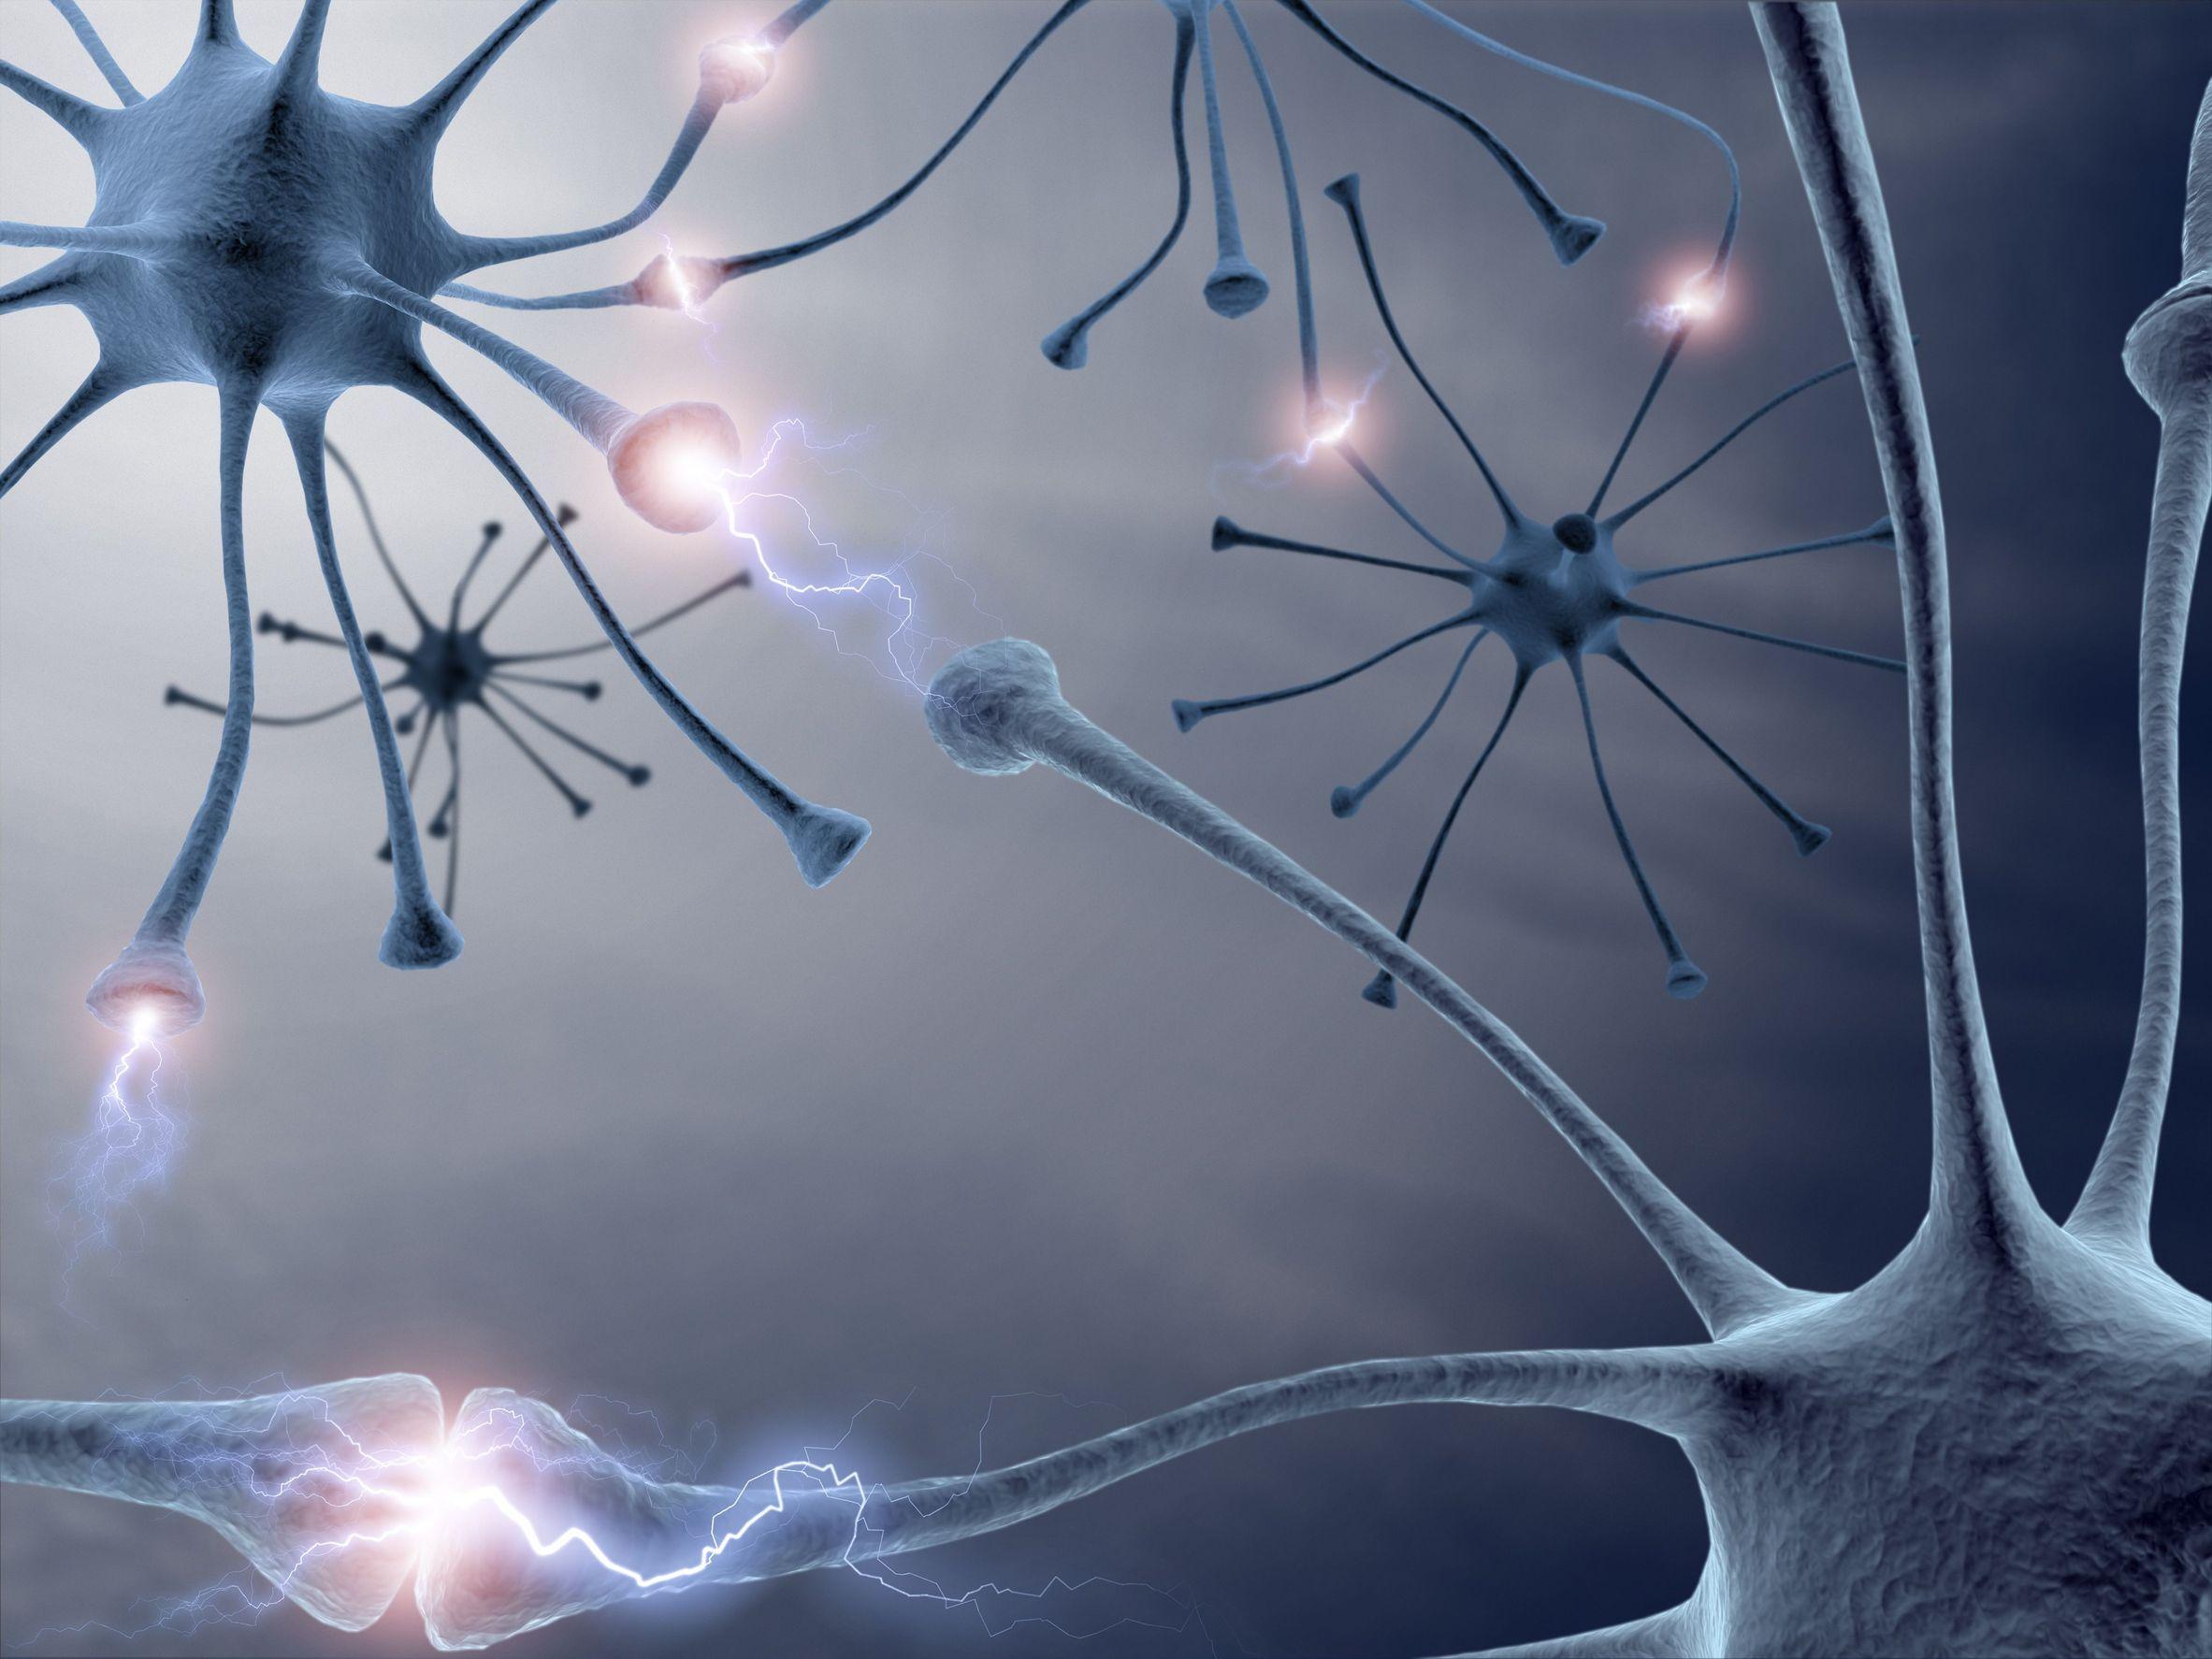 Нервные клетки восстанавливаются секс 27 фотография